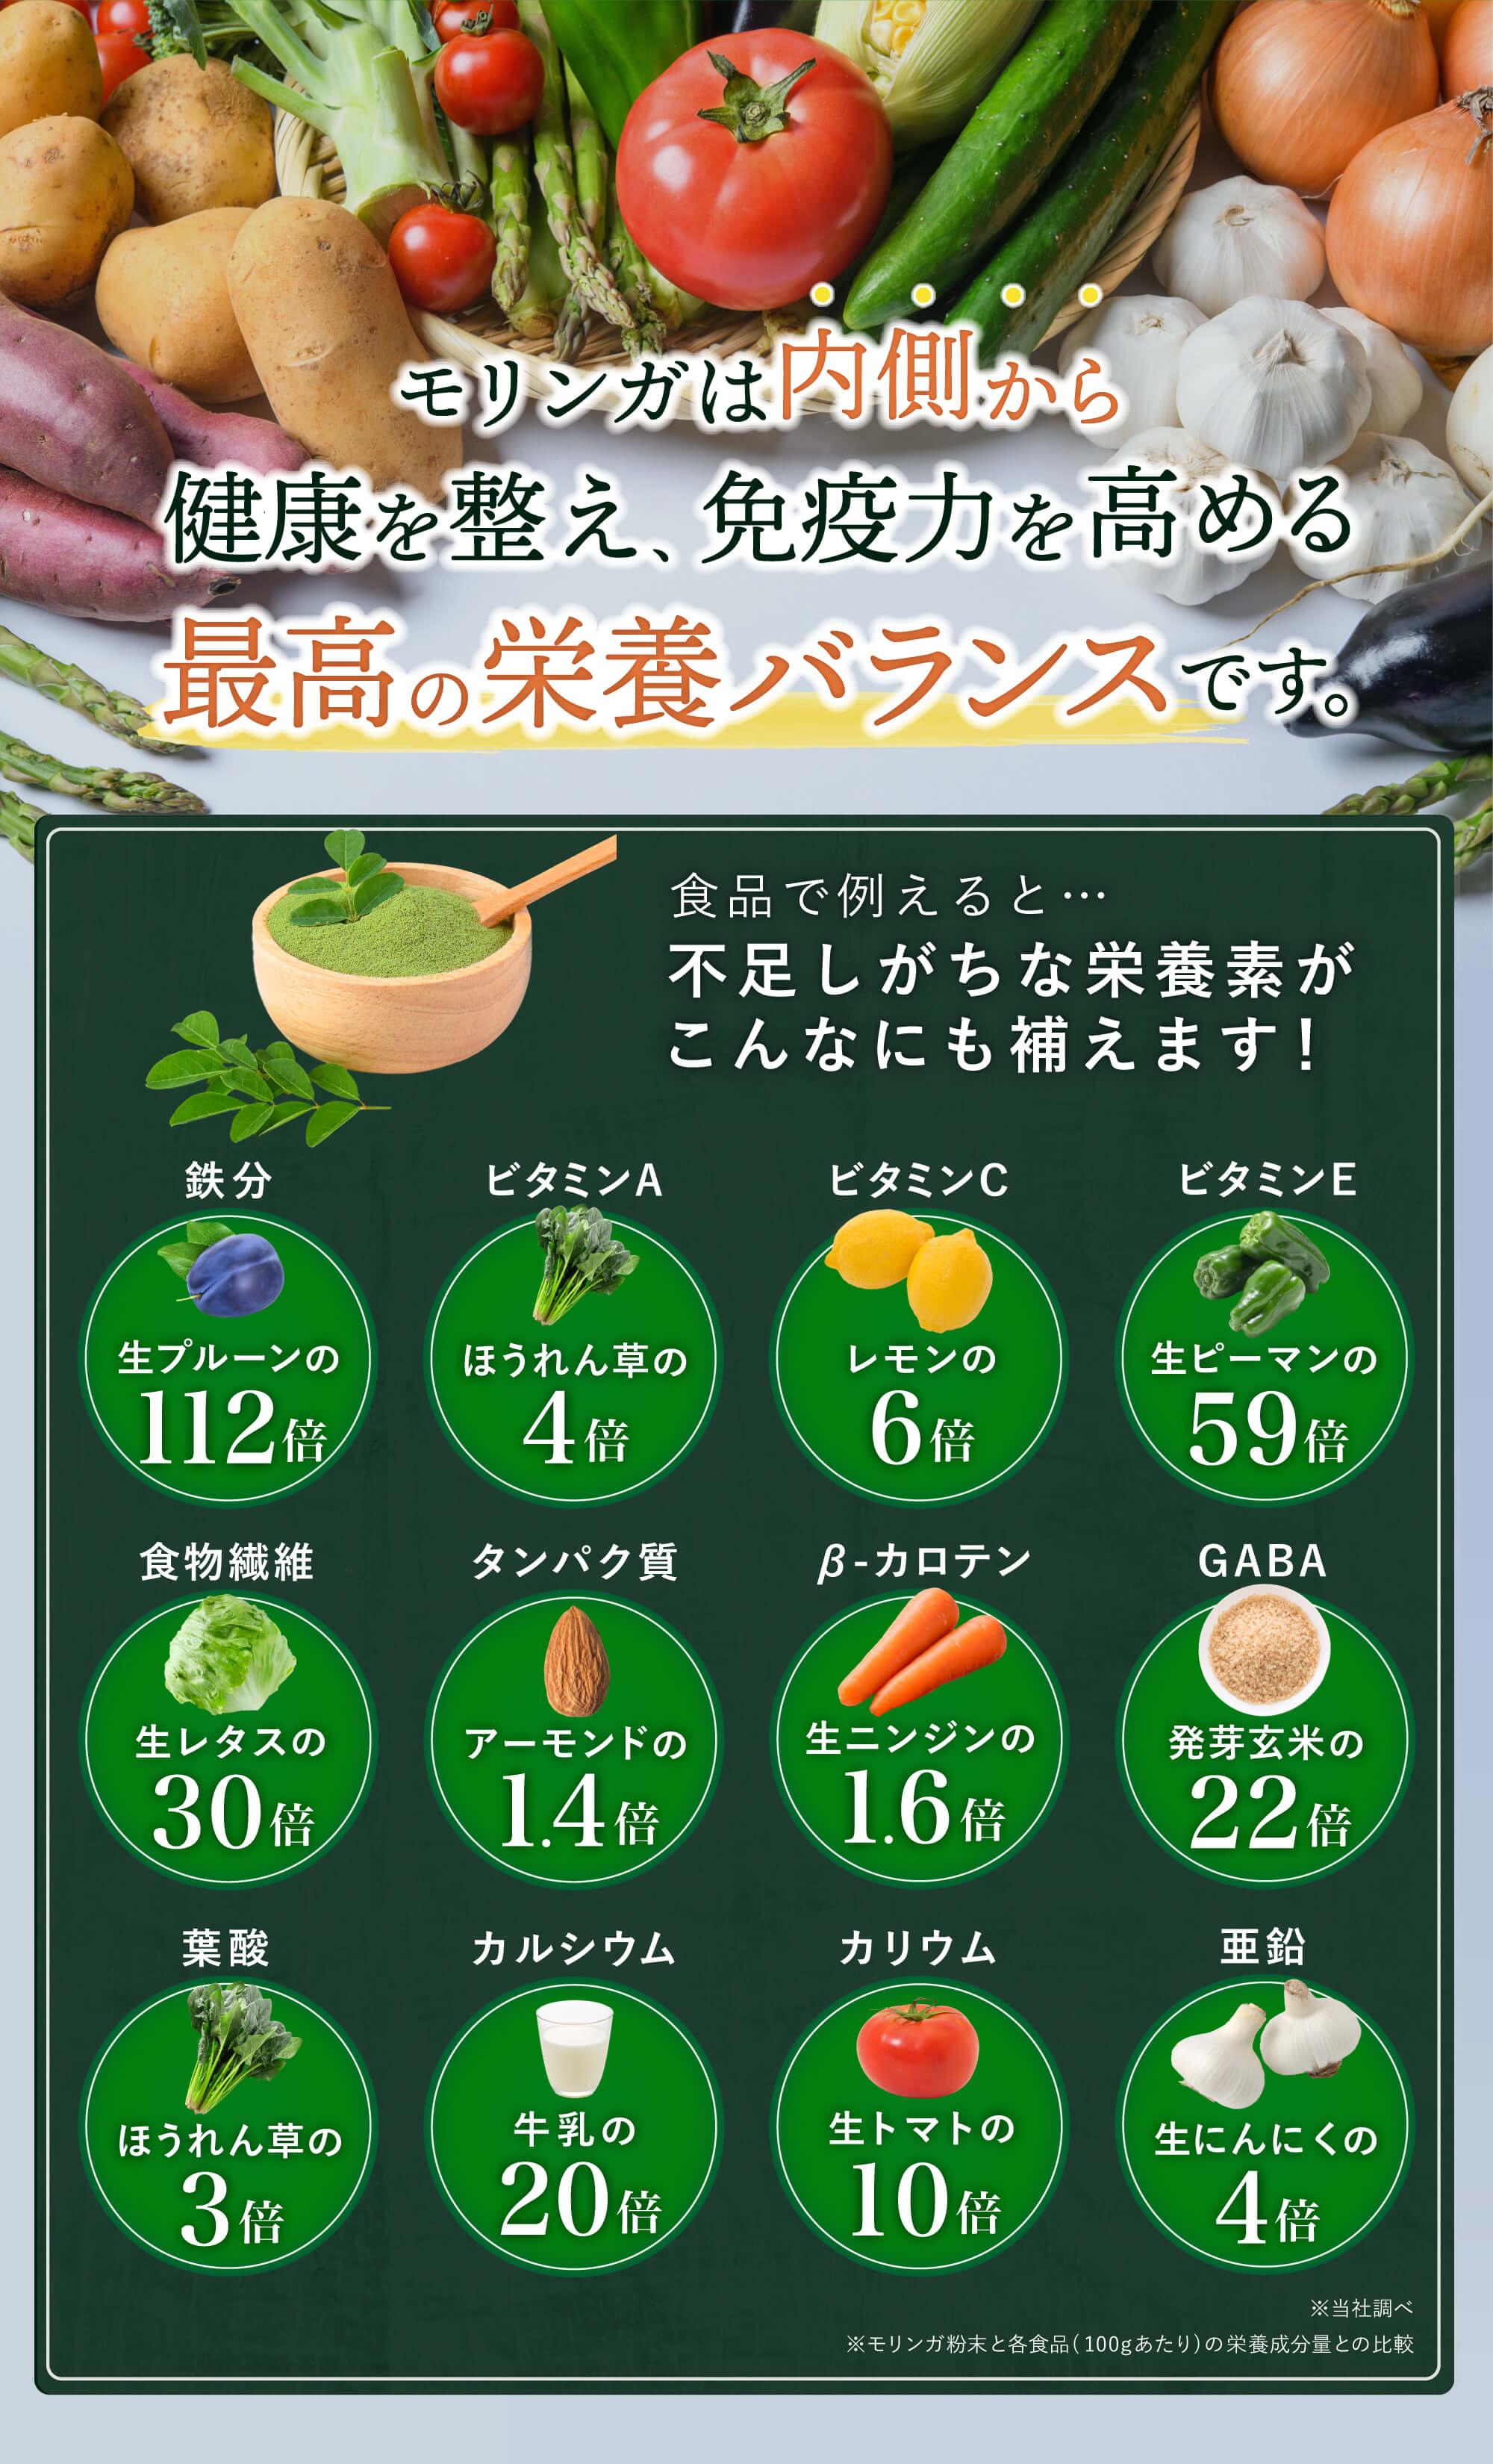 モリンガの栄養素